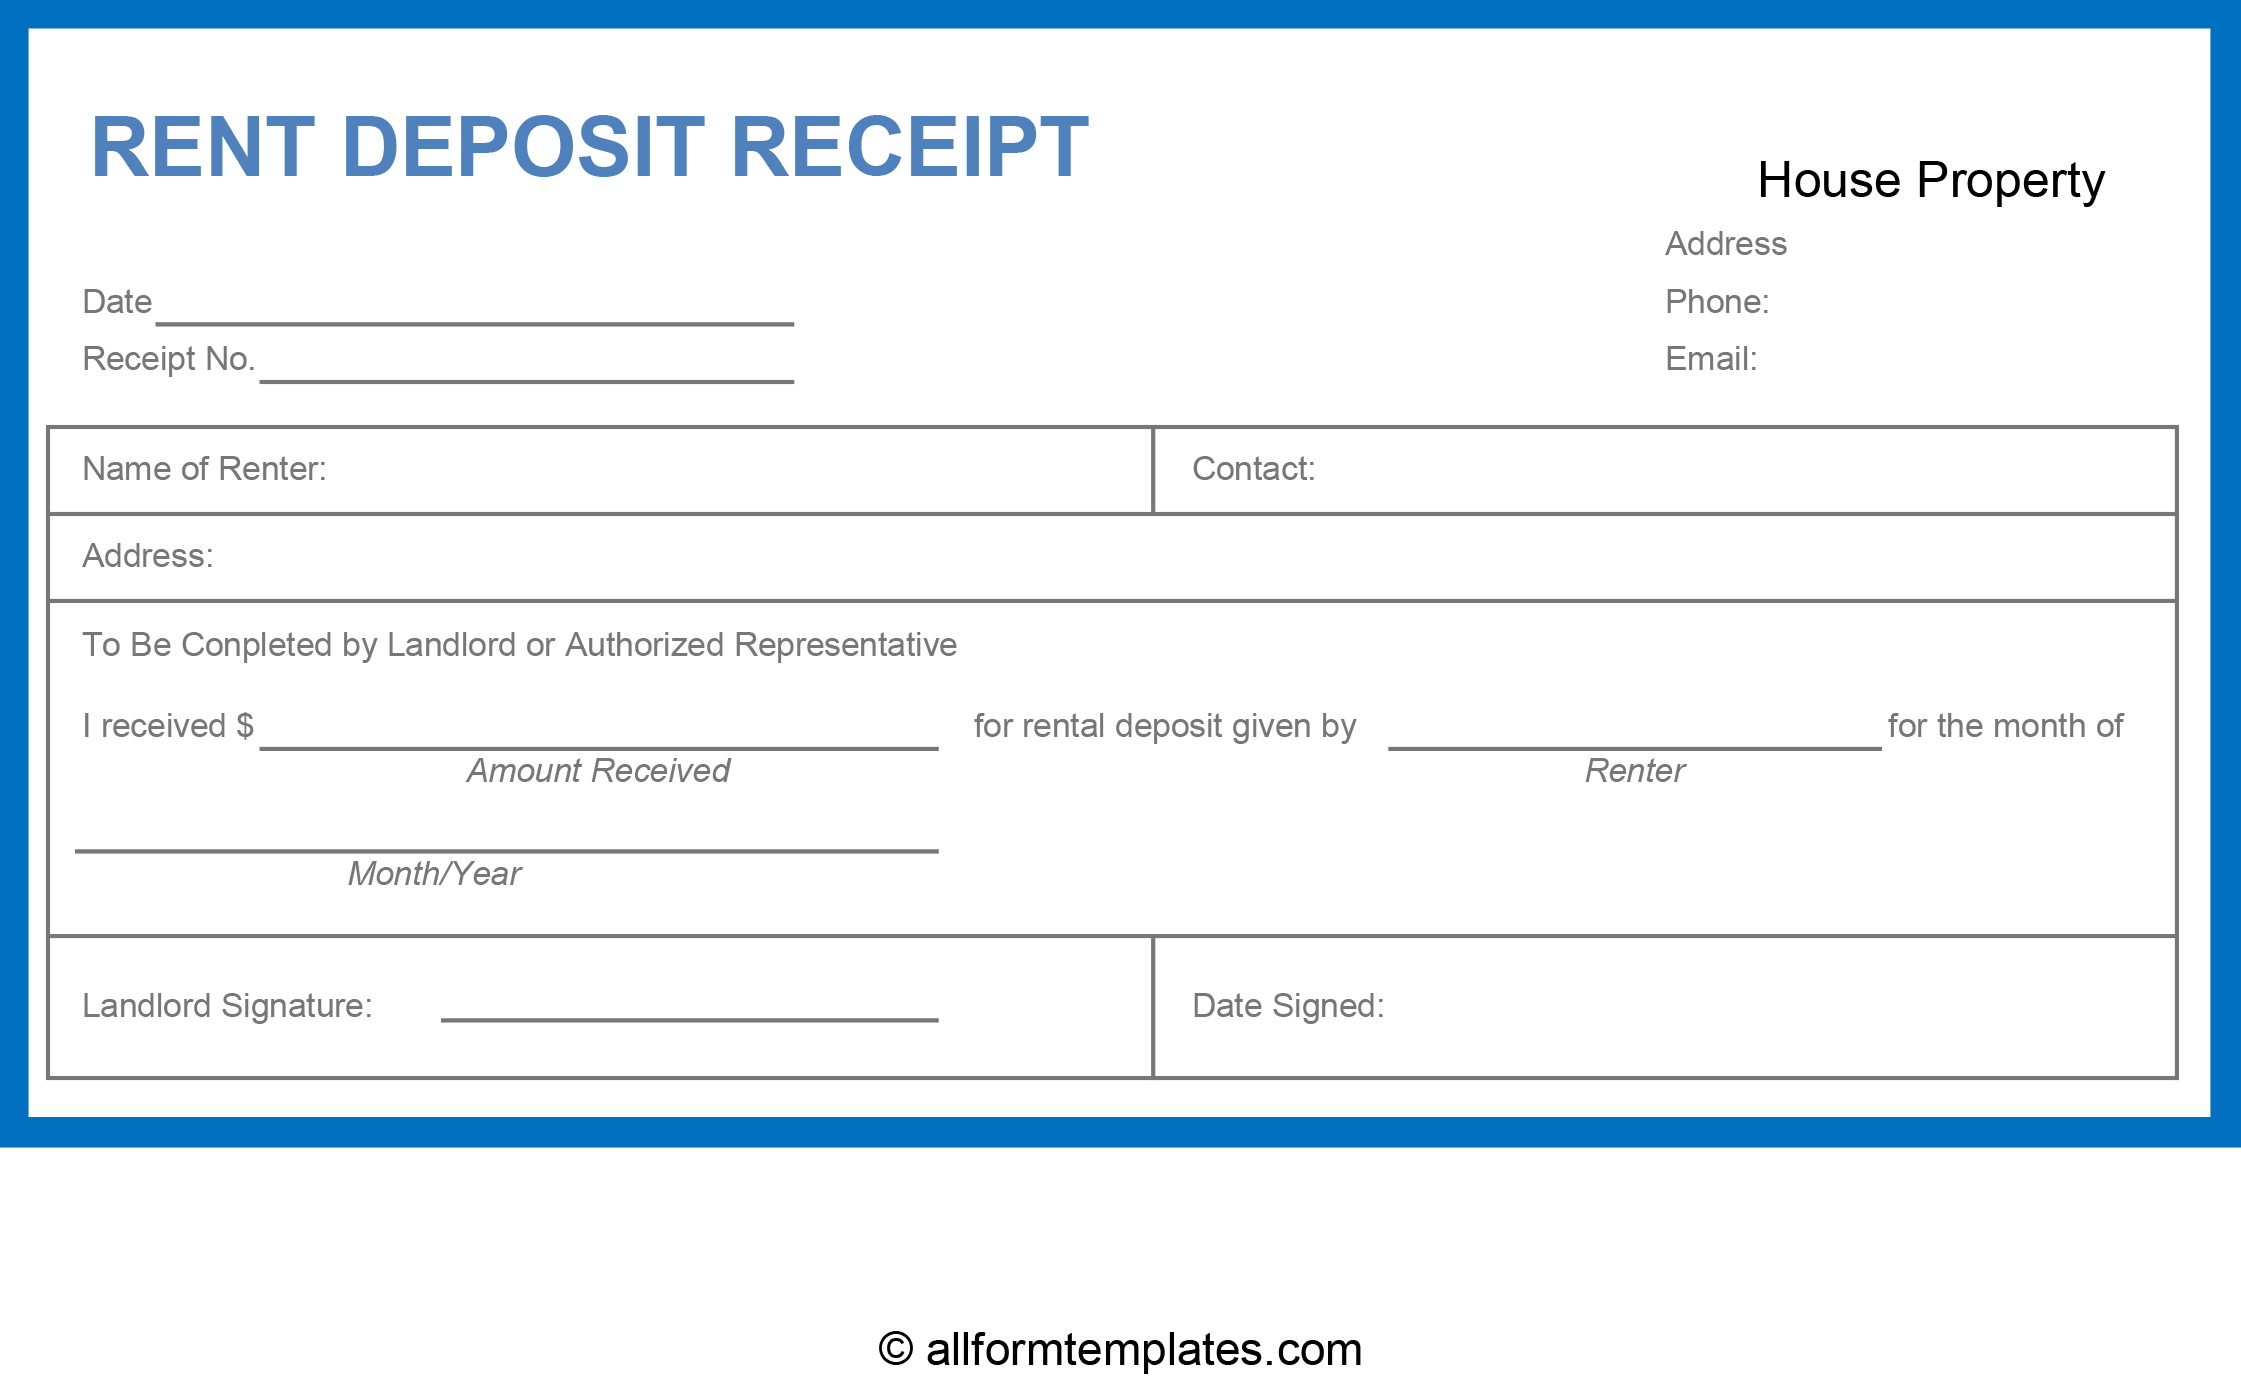 House-Rent-Receipt-HD